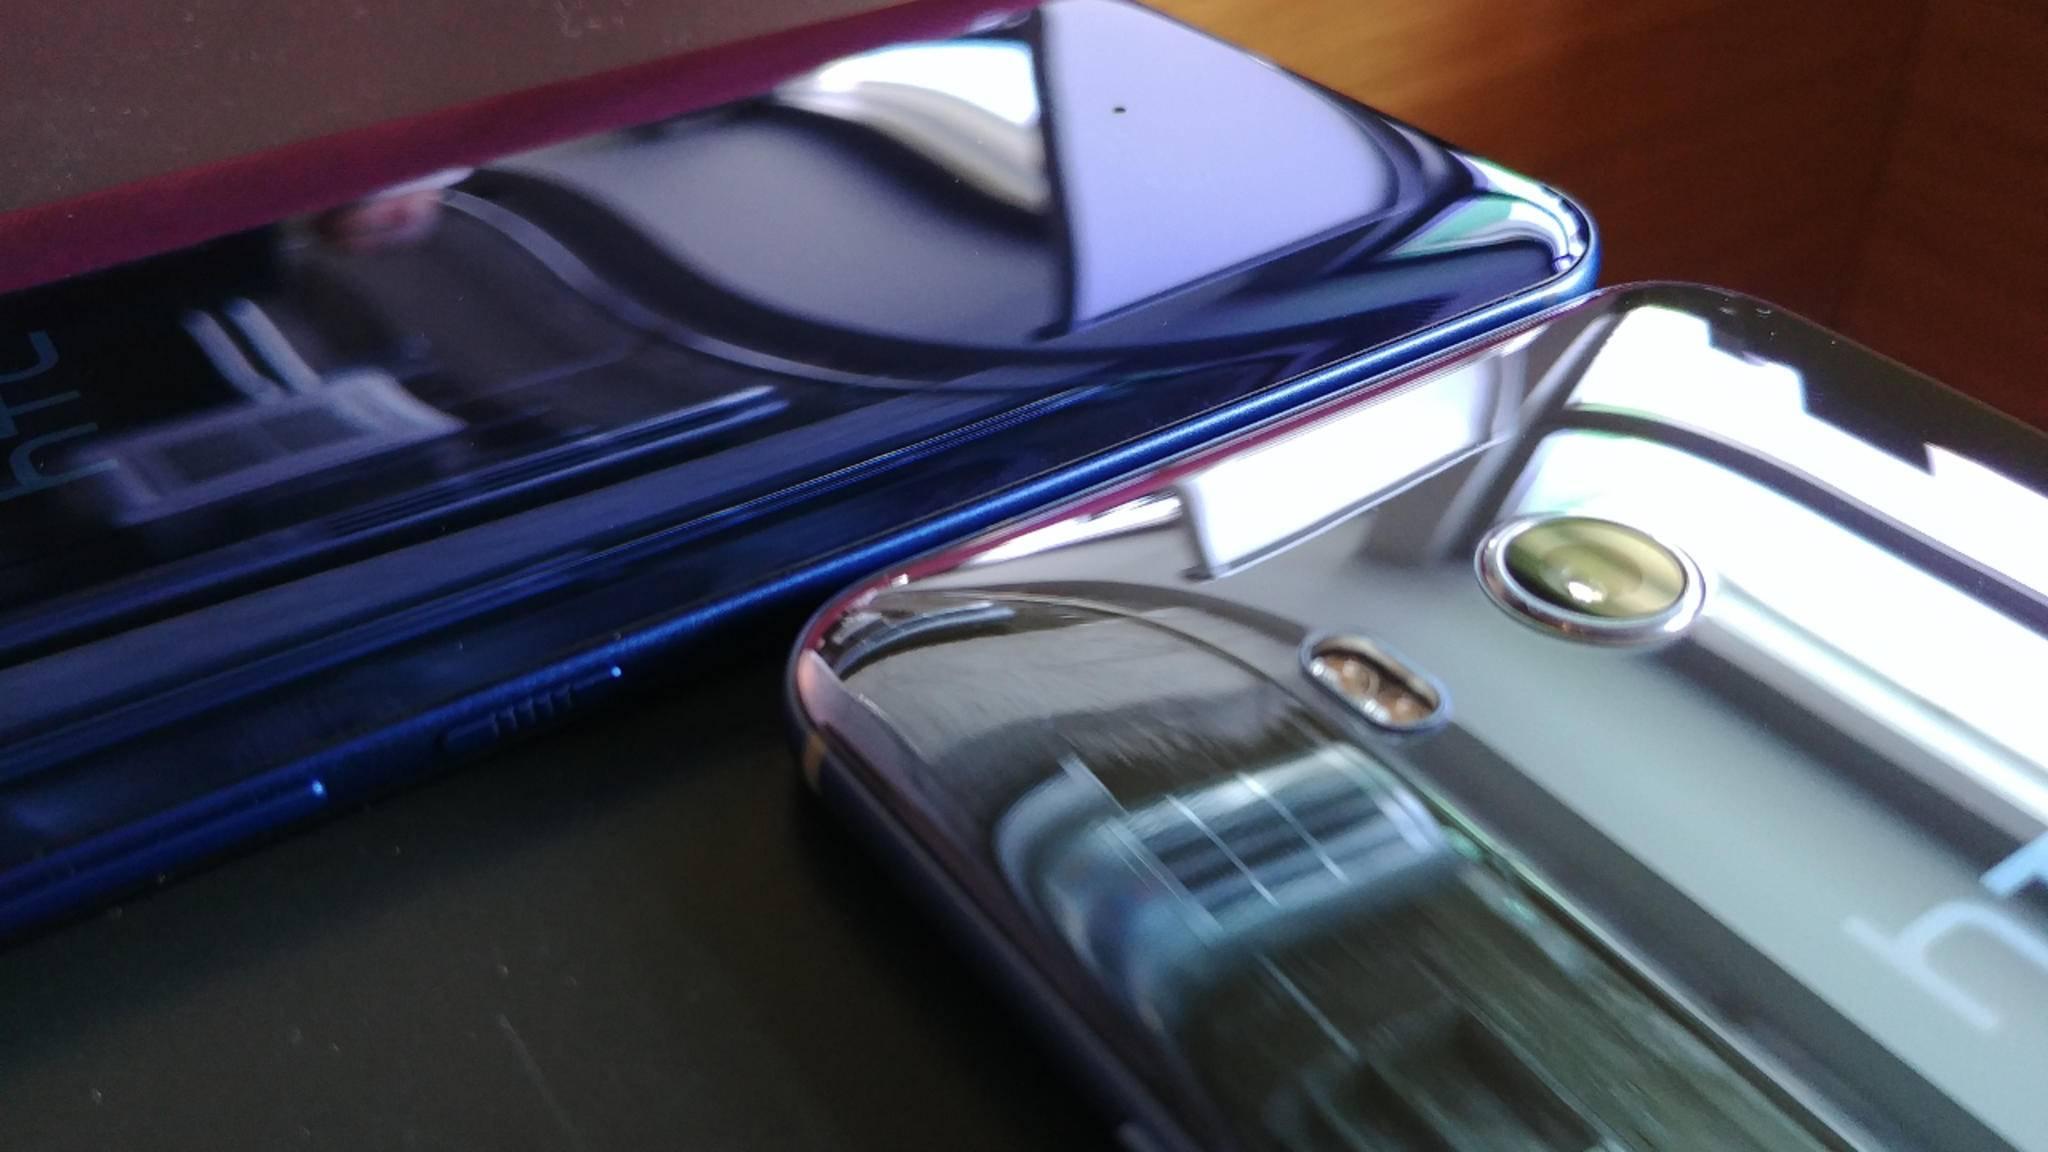 Die Rückseite des HTC U11 hat einen starken Spiegel-Effekt.